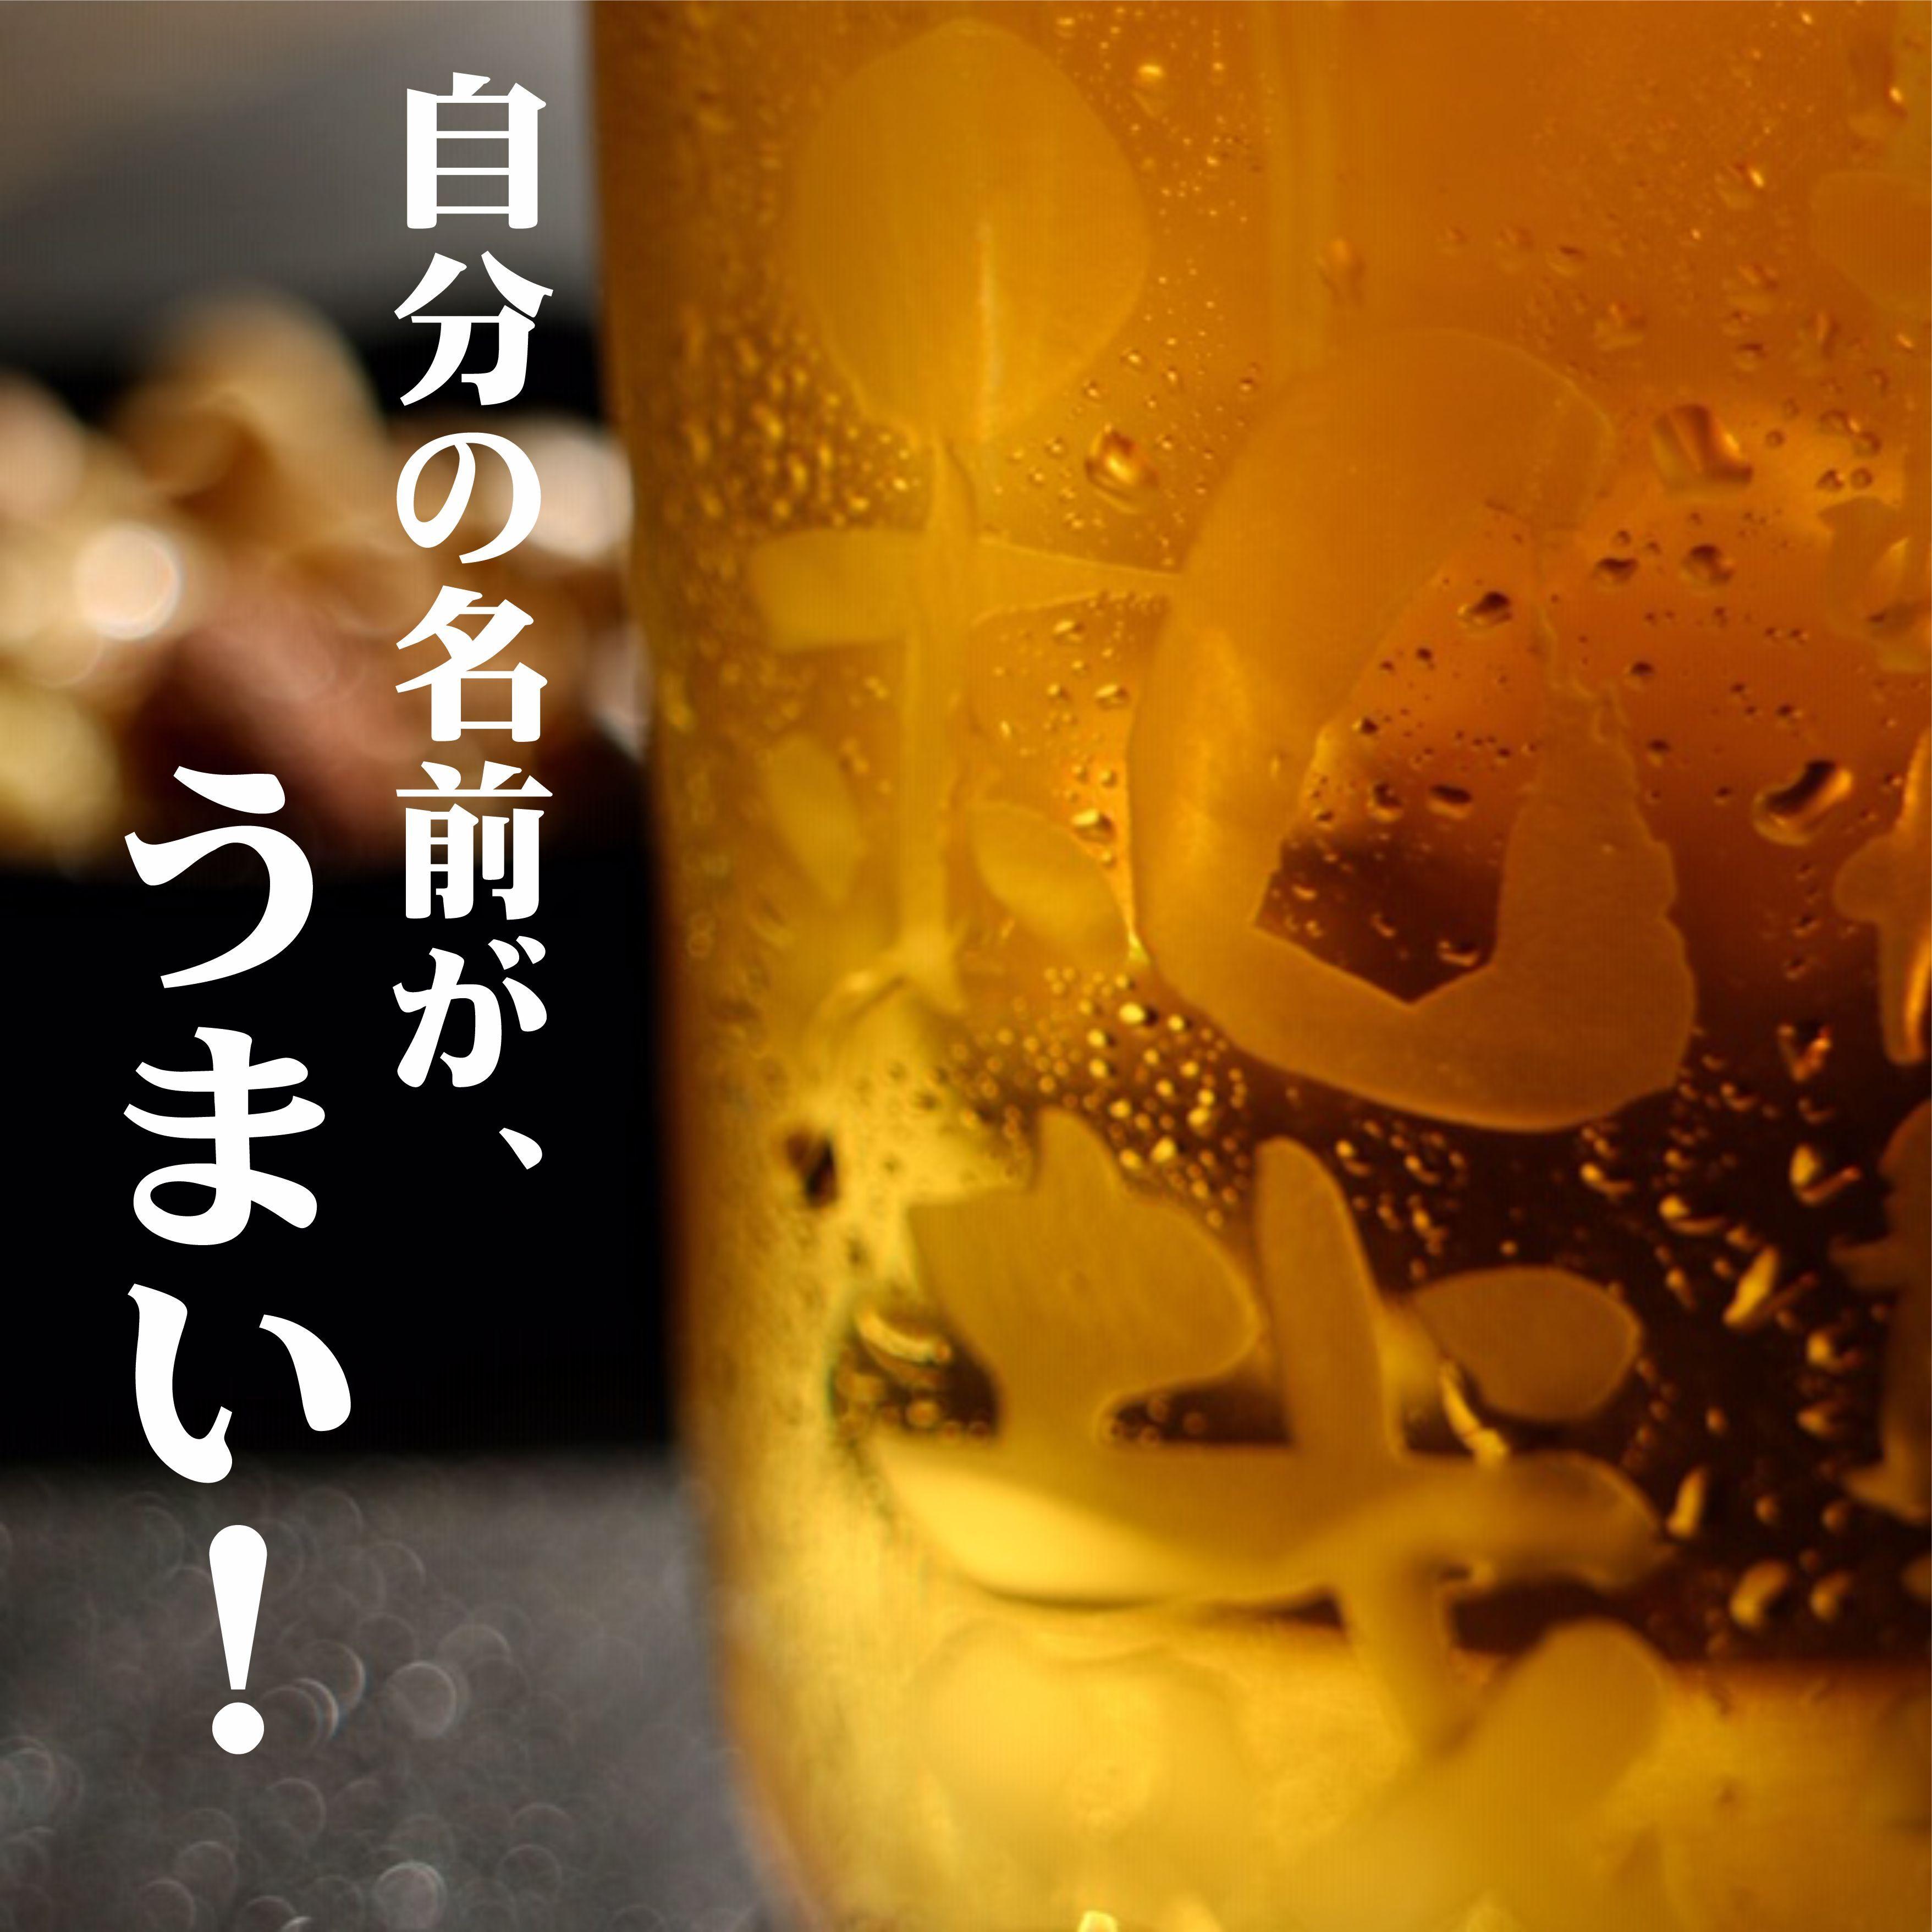 自分の名前入りビアジョッキで飲むビールは1年中おいしい~今日もカンパーイ!